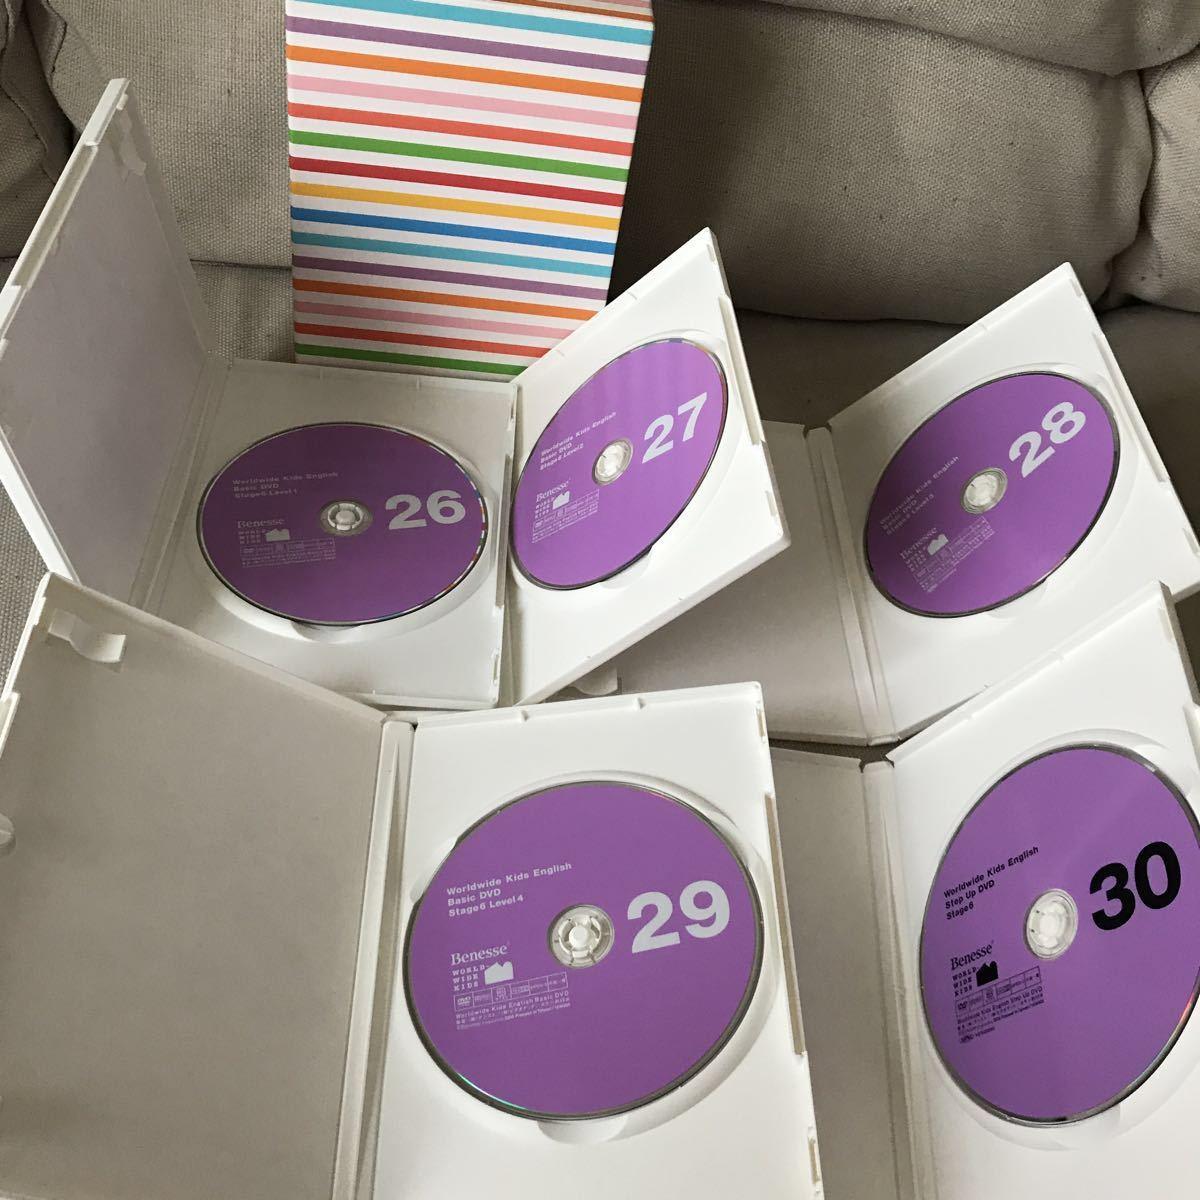 美品 ワールドワイドキッズ DVD stage6 ステージ6 5枚 英語 教材 ベネッセ WKE_画像3